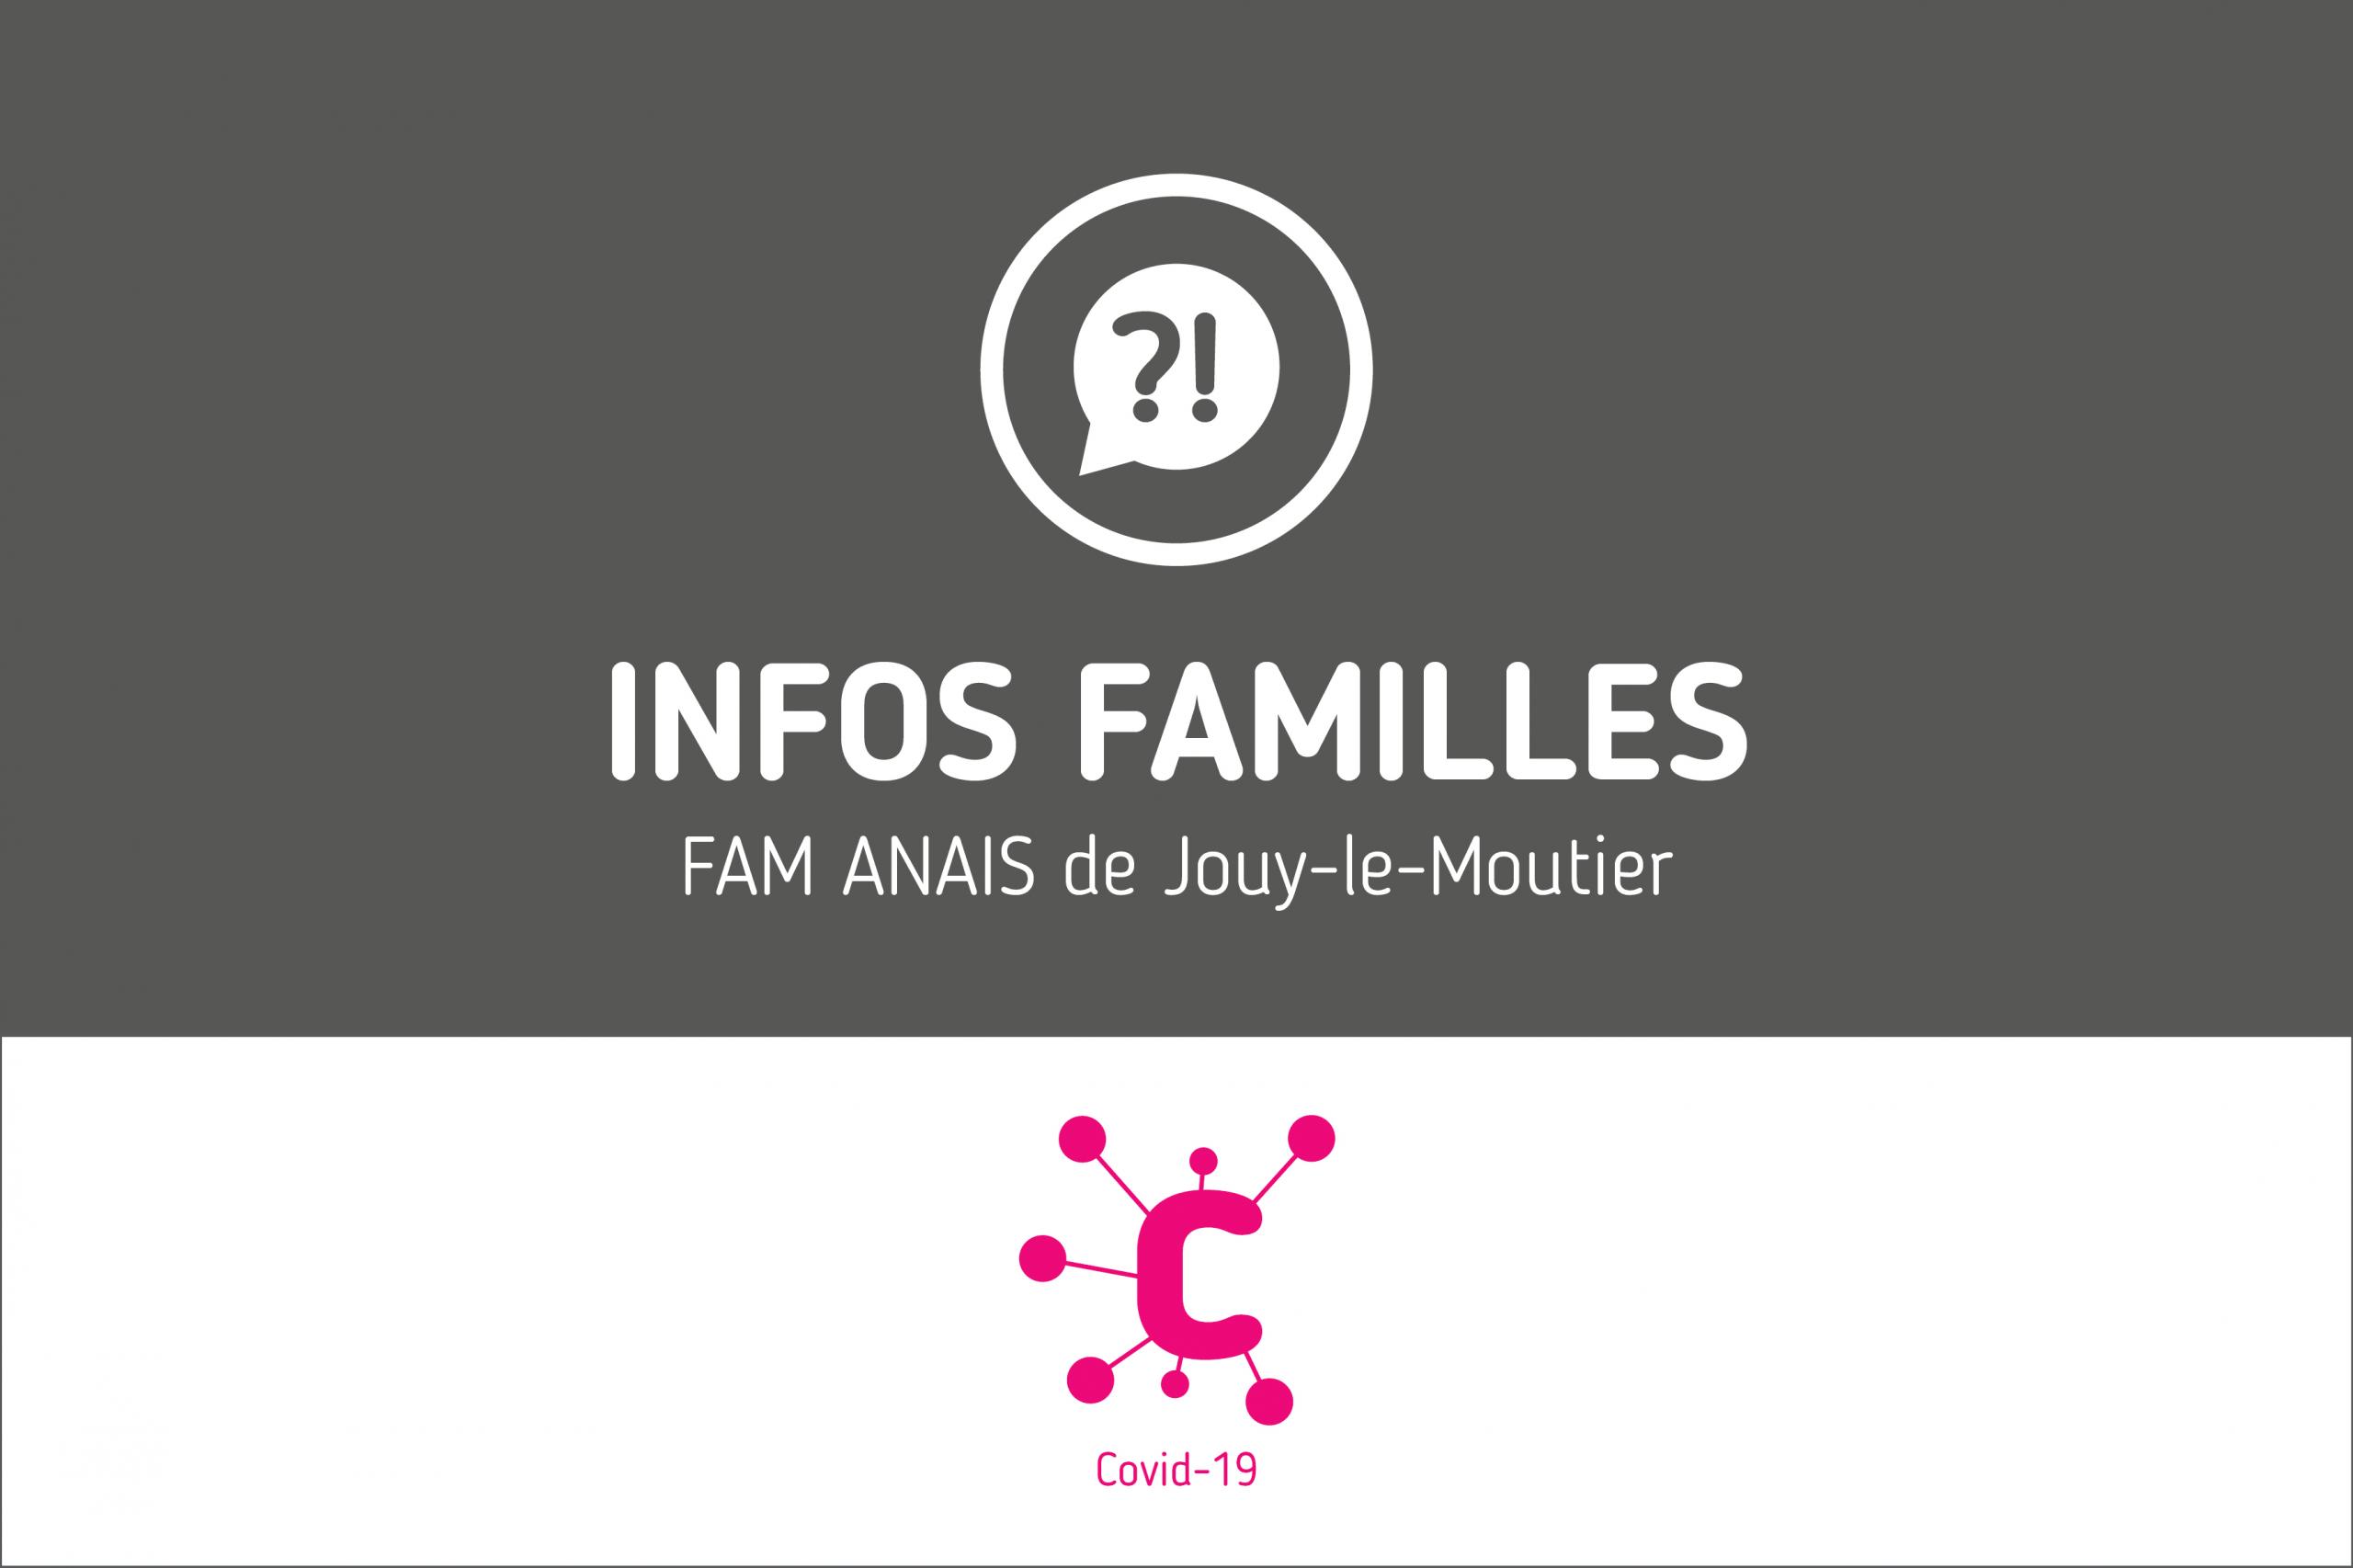 Protégé: Infos Familles – FAM ANAIS de Jouy-le-Moutier